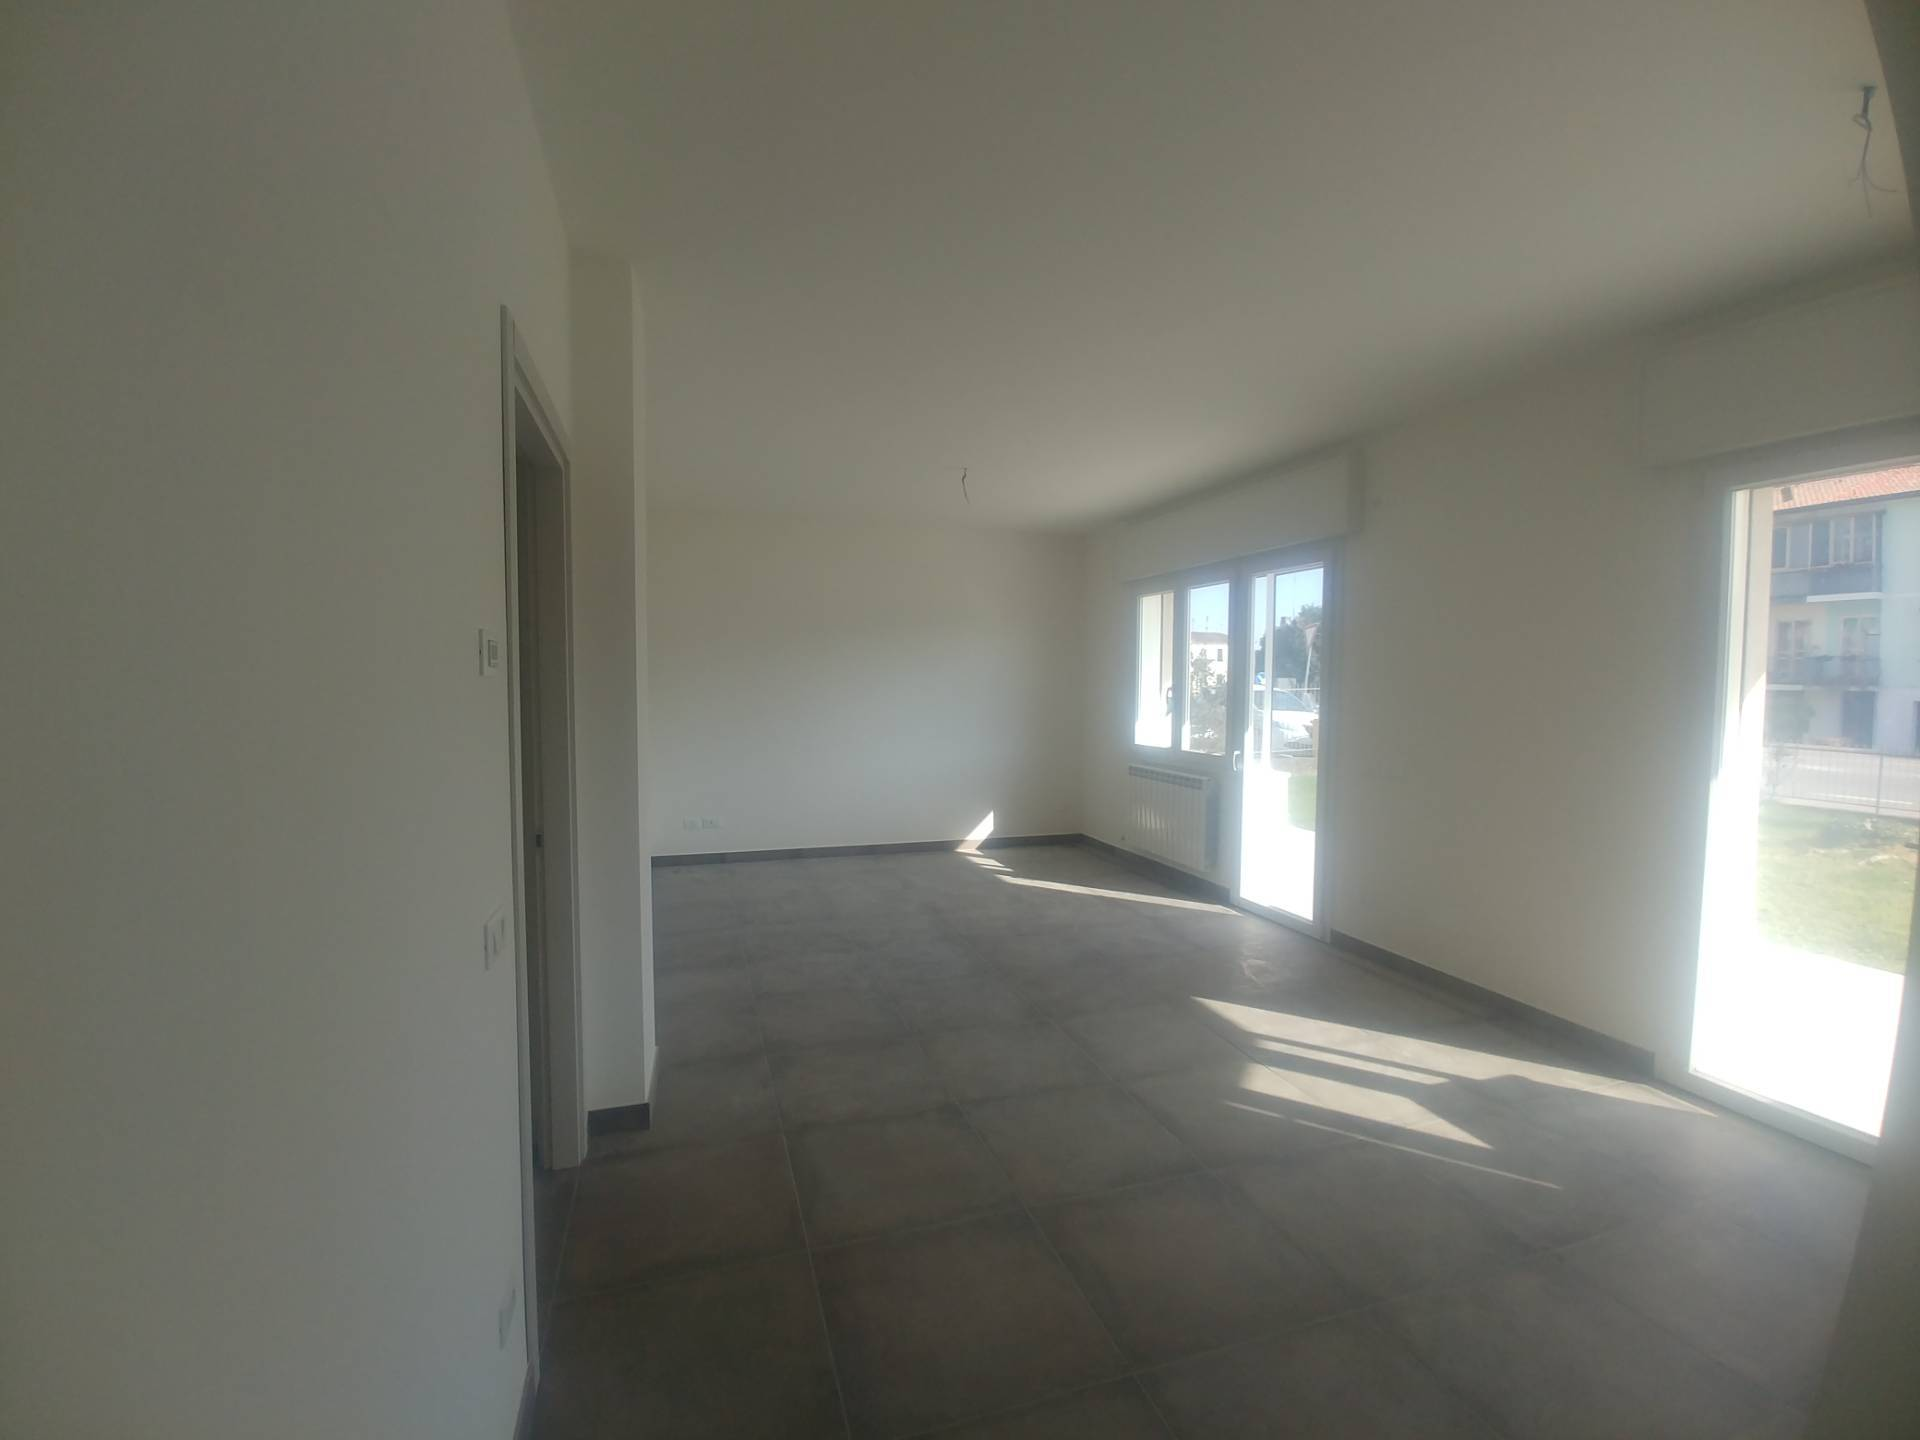 Appartamento in vendita a Quinto di Treviso, 3 locali, prezzo € 140.000   PortaleAgenzieImmobiliari.it